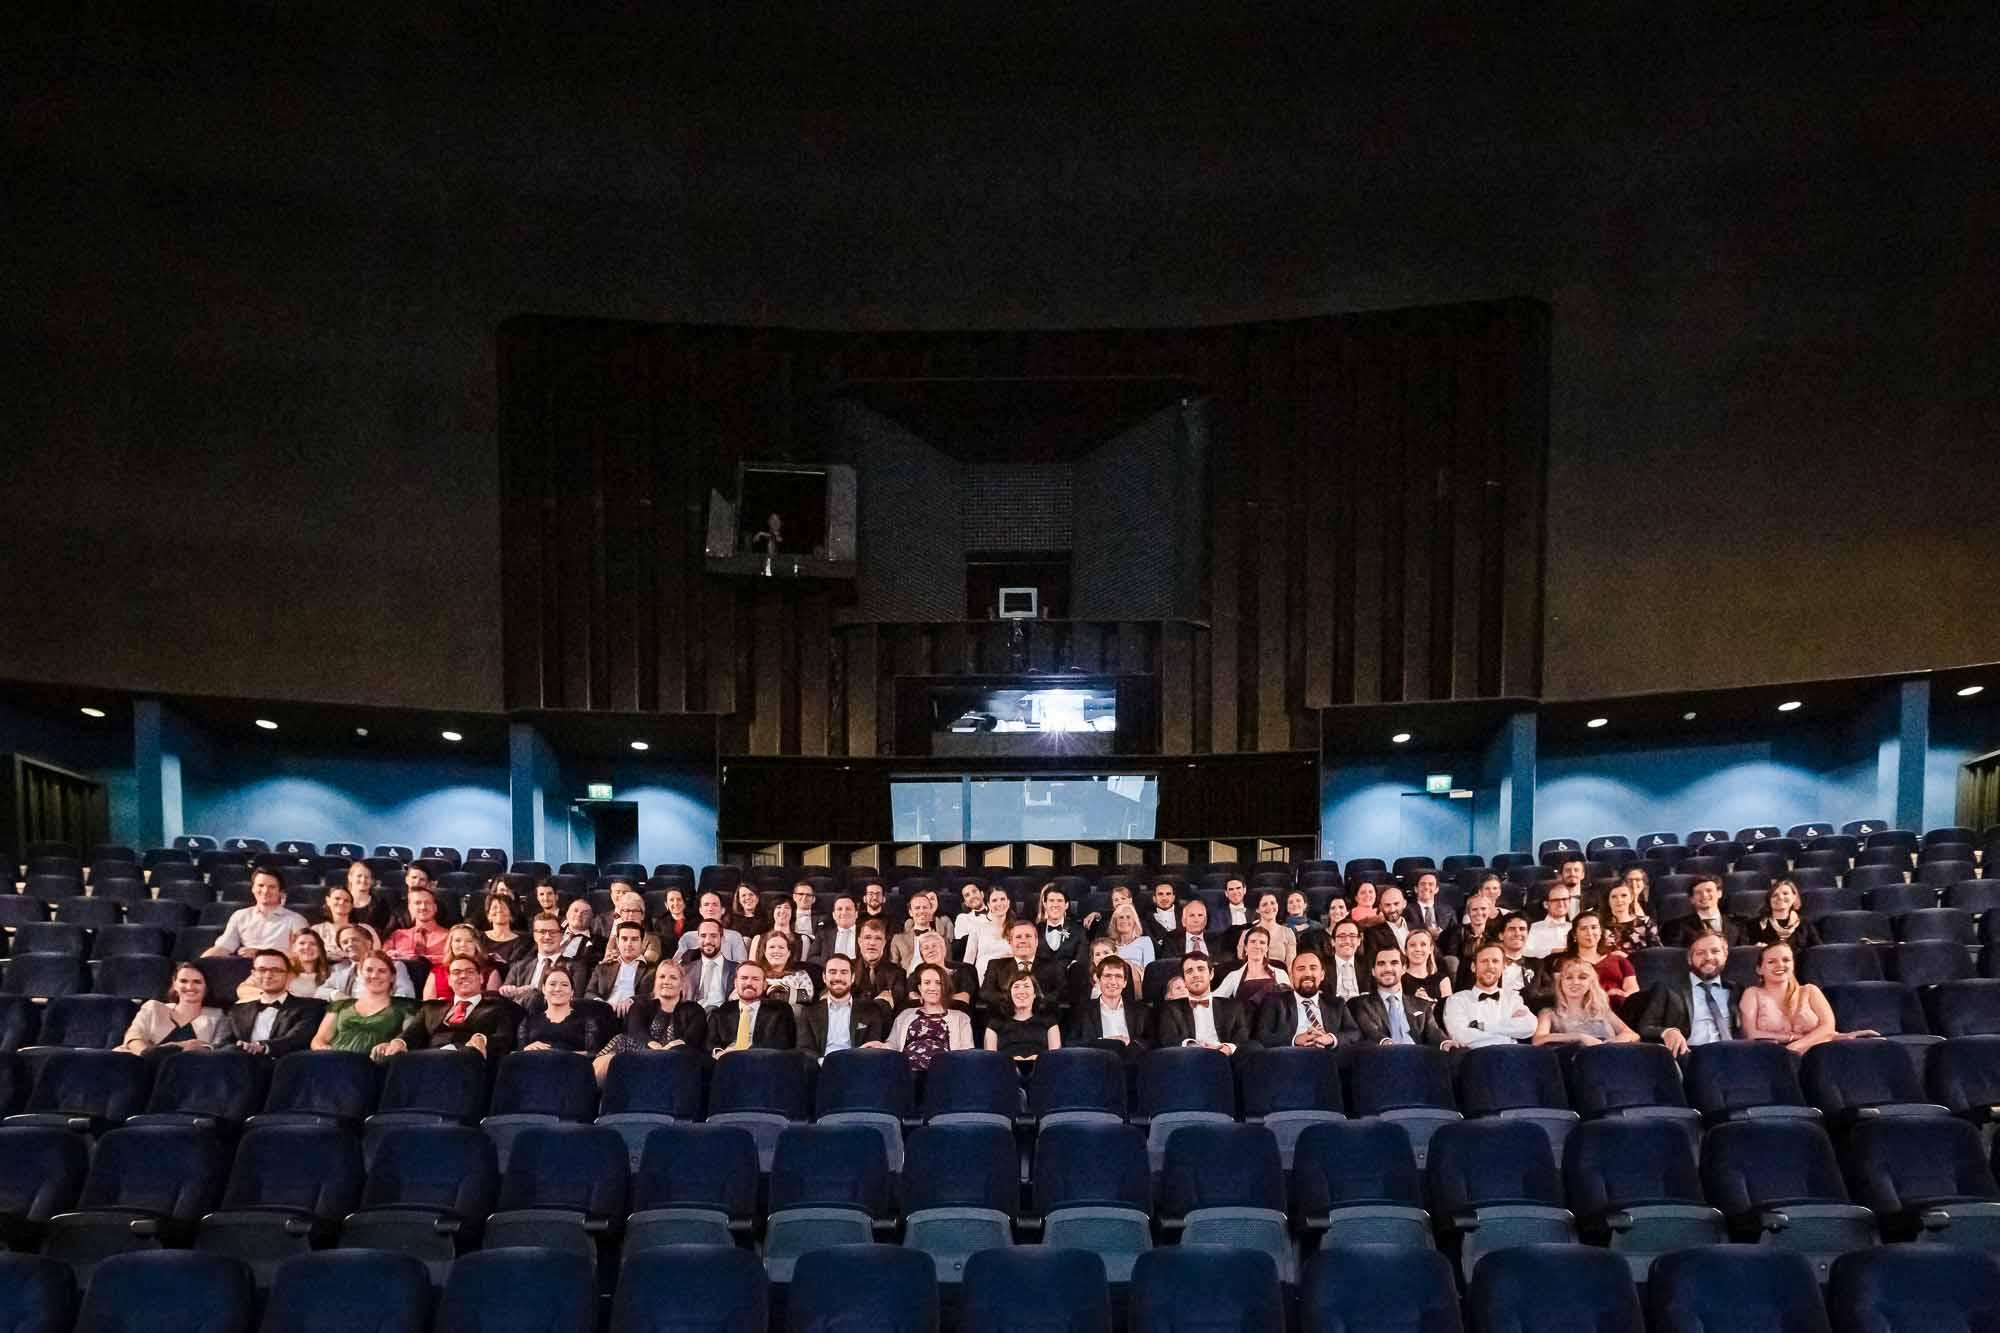 Hochzeitsgruppenfoto im Kino IMAX Luzern